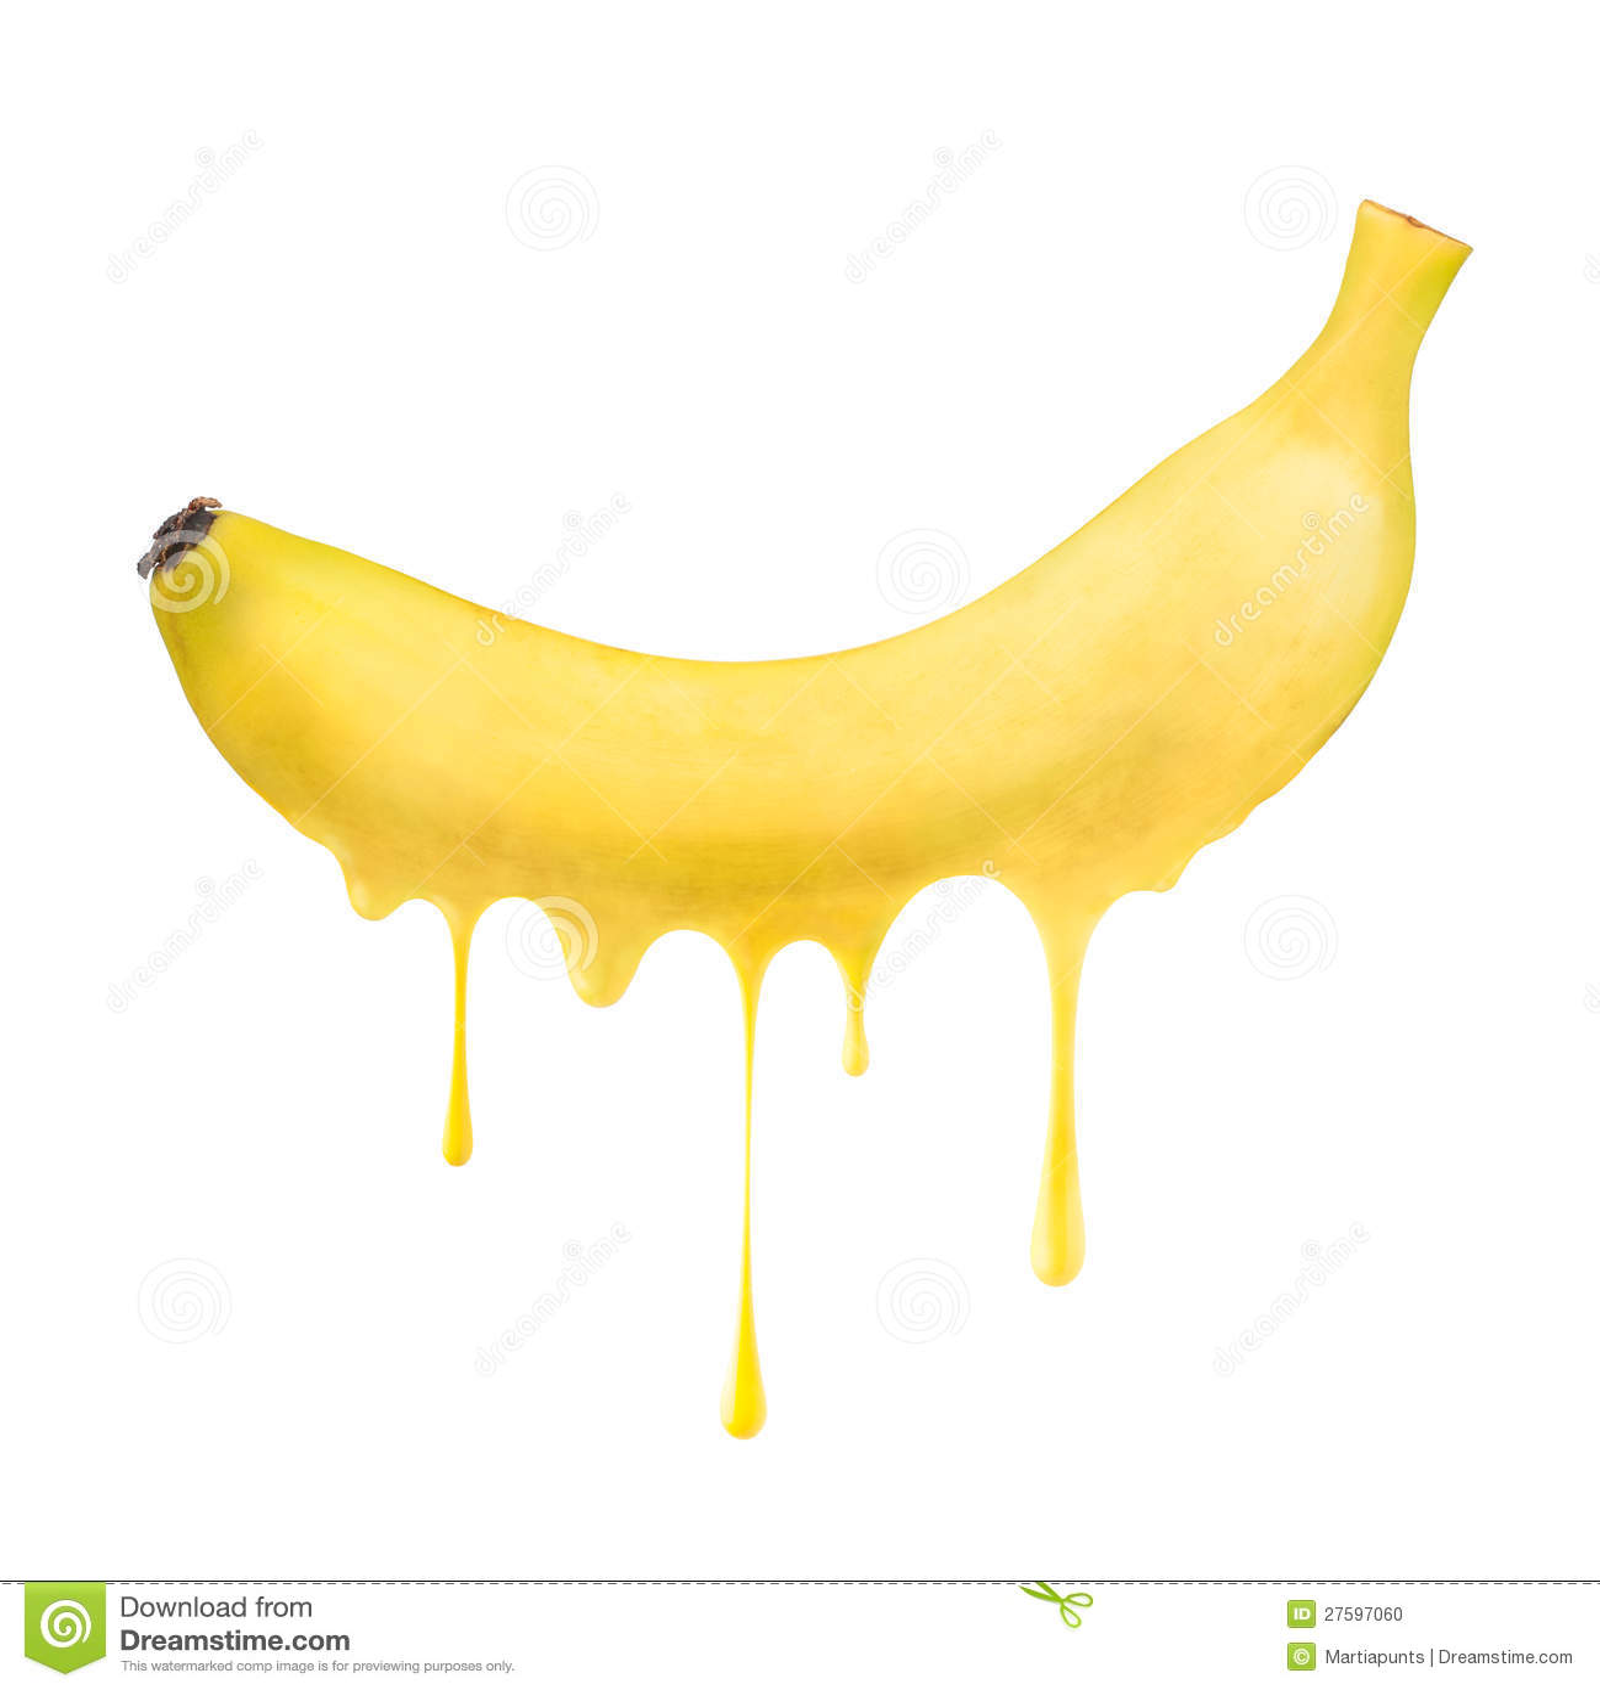 Melting and dripping banana